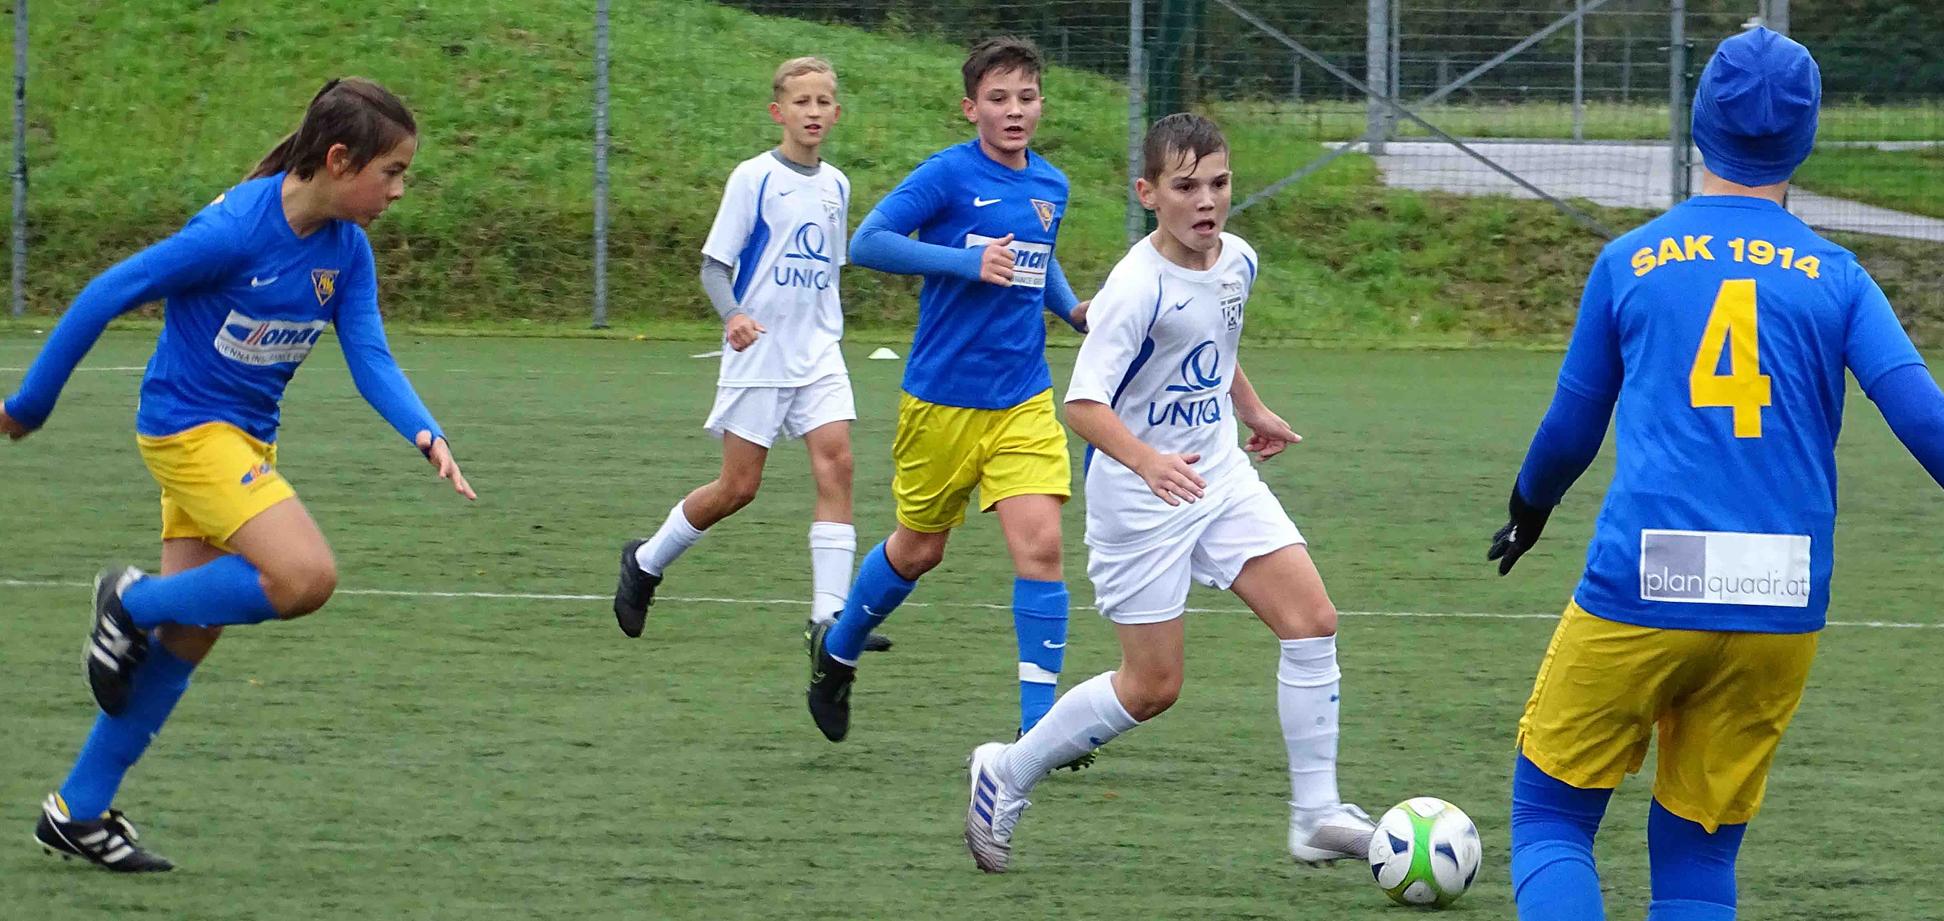 U13 Team - SV GROEDIG